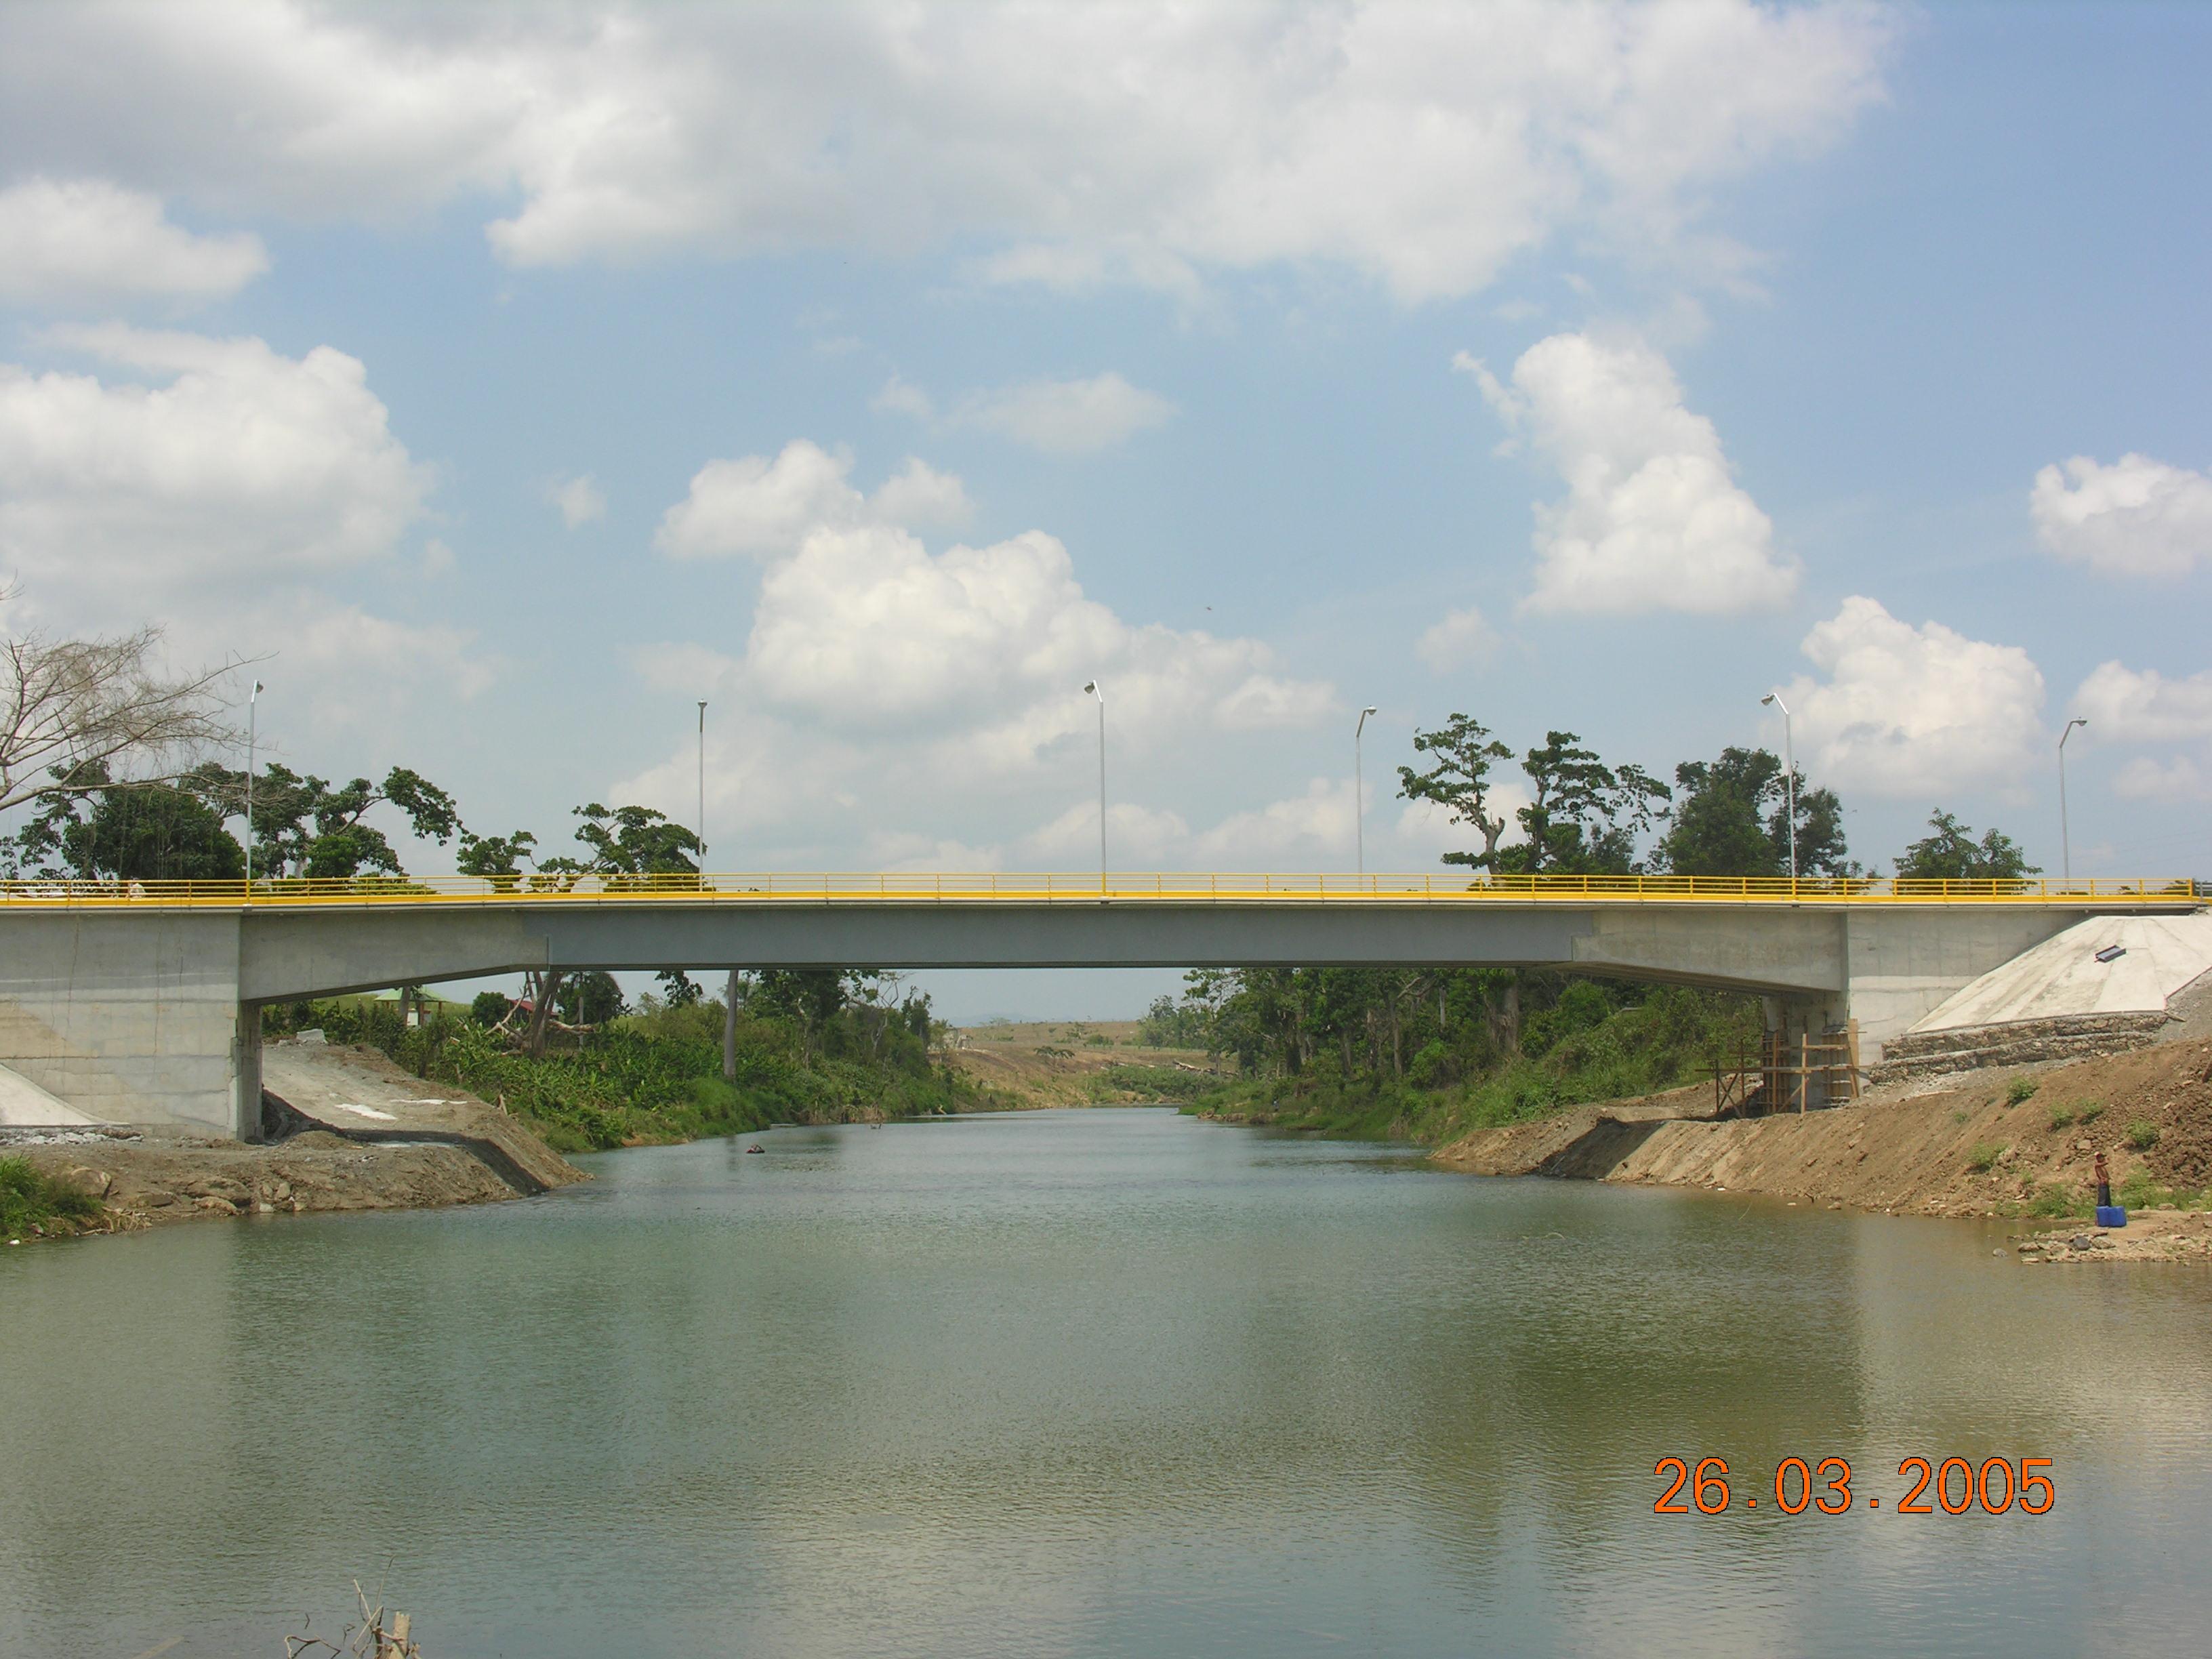 Puente sobre el Río Chavón conecta la carretera de Higuey con la provincia del Seibo en la Republica Dominicana